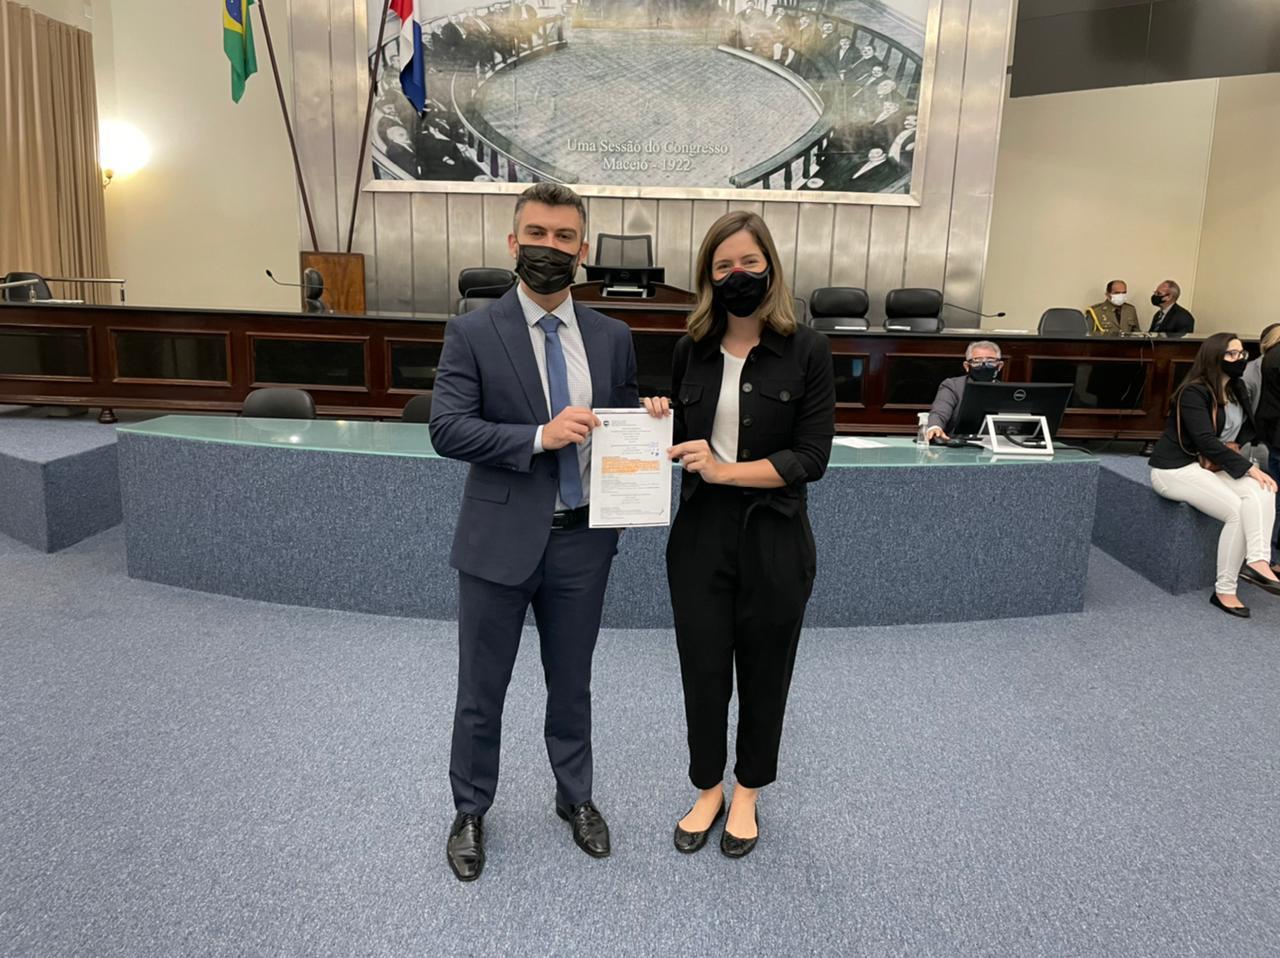 """""""Menos Brasília, mais Alagoas, mais Brasil"""": deputado Bruno Souza busca apoio em Alagoas para tornar os estados mais autônomos"""